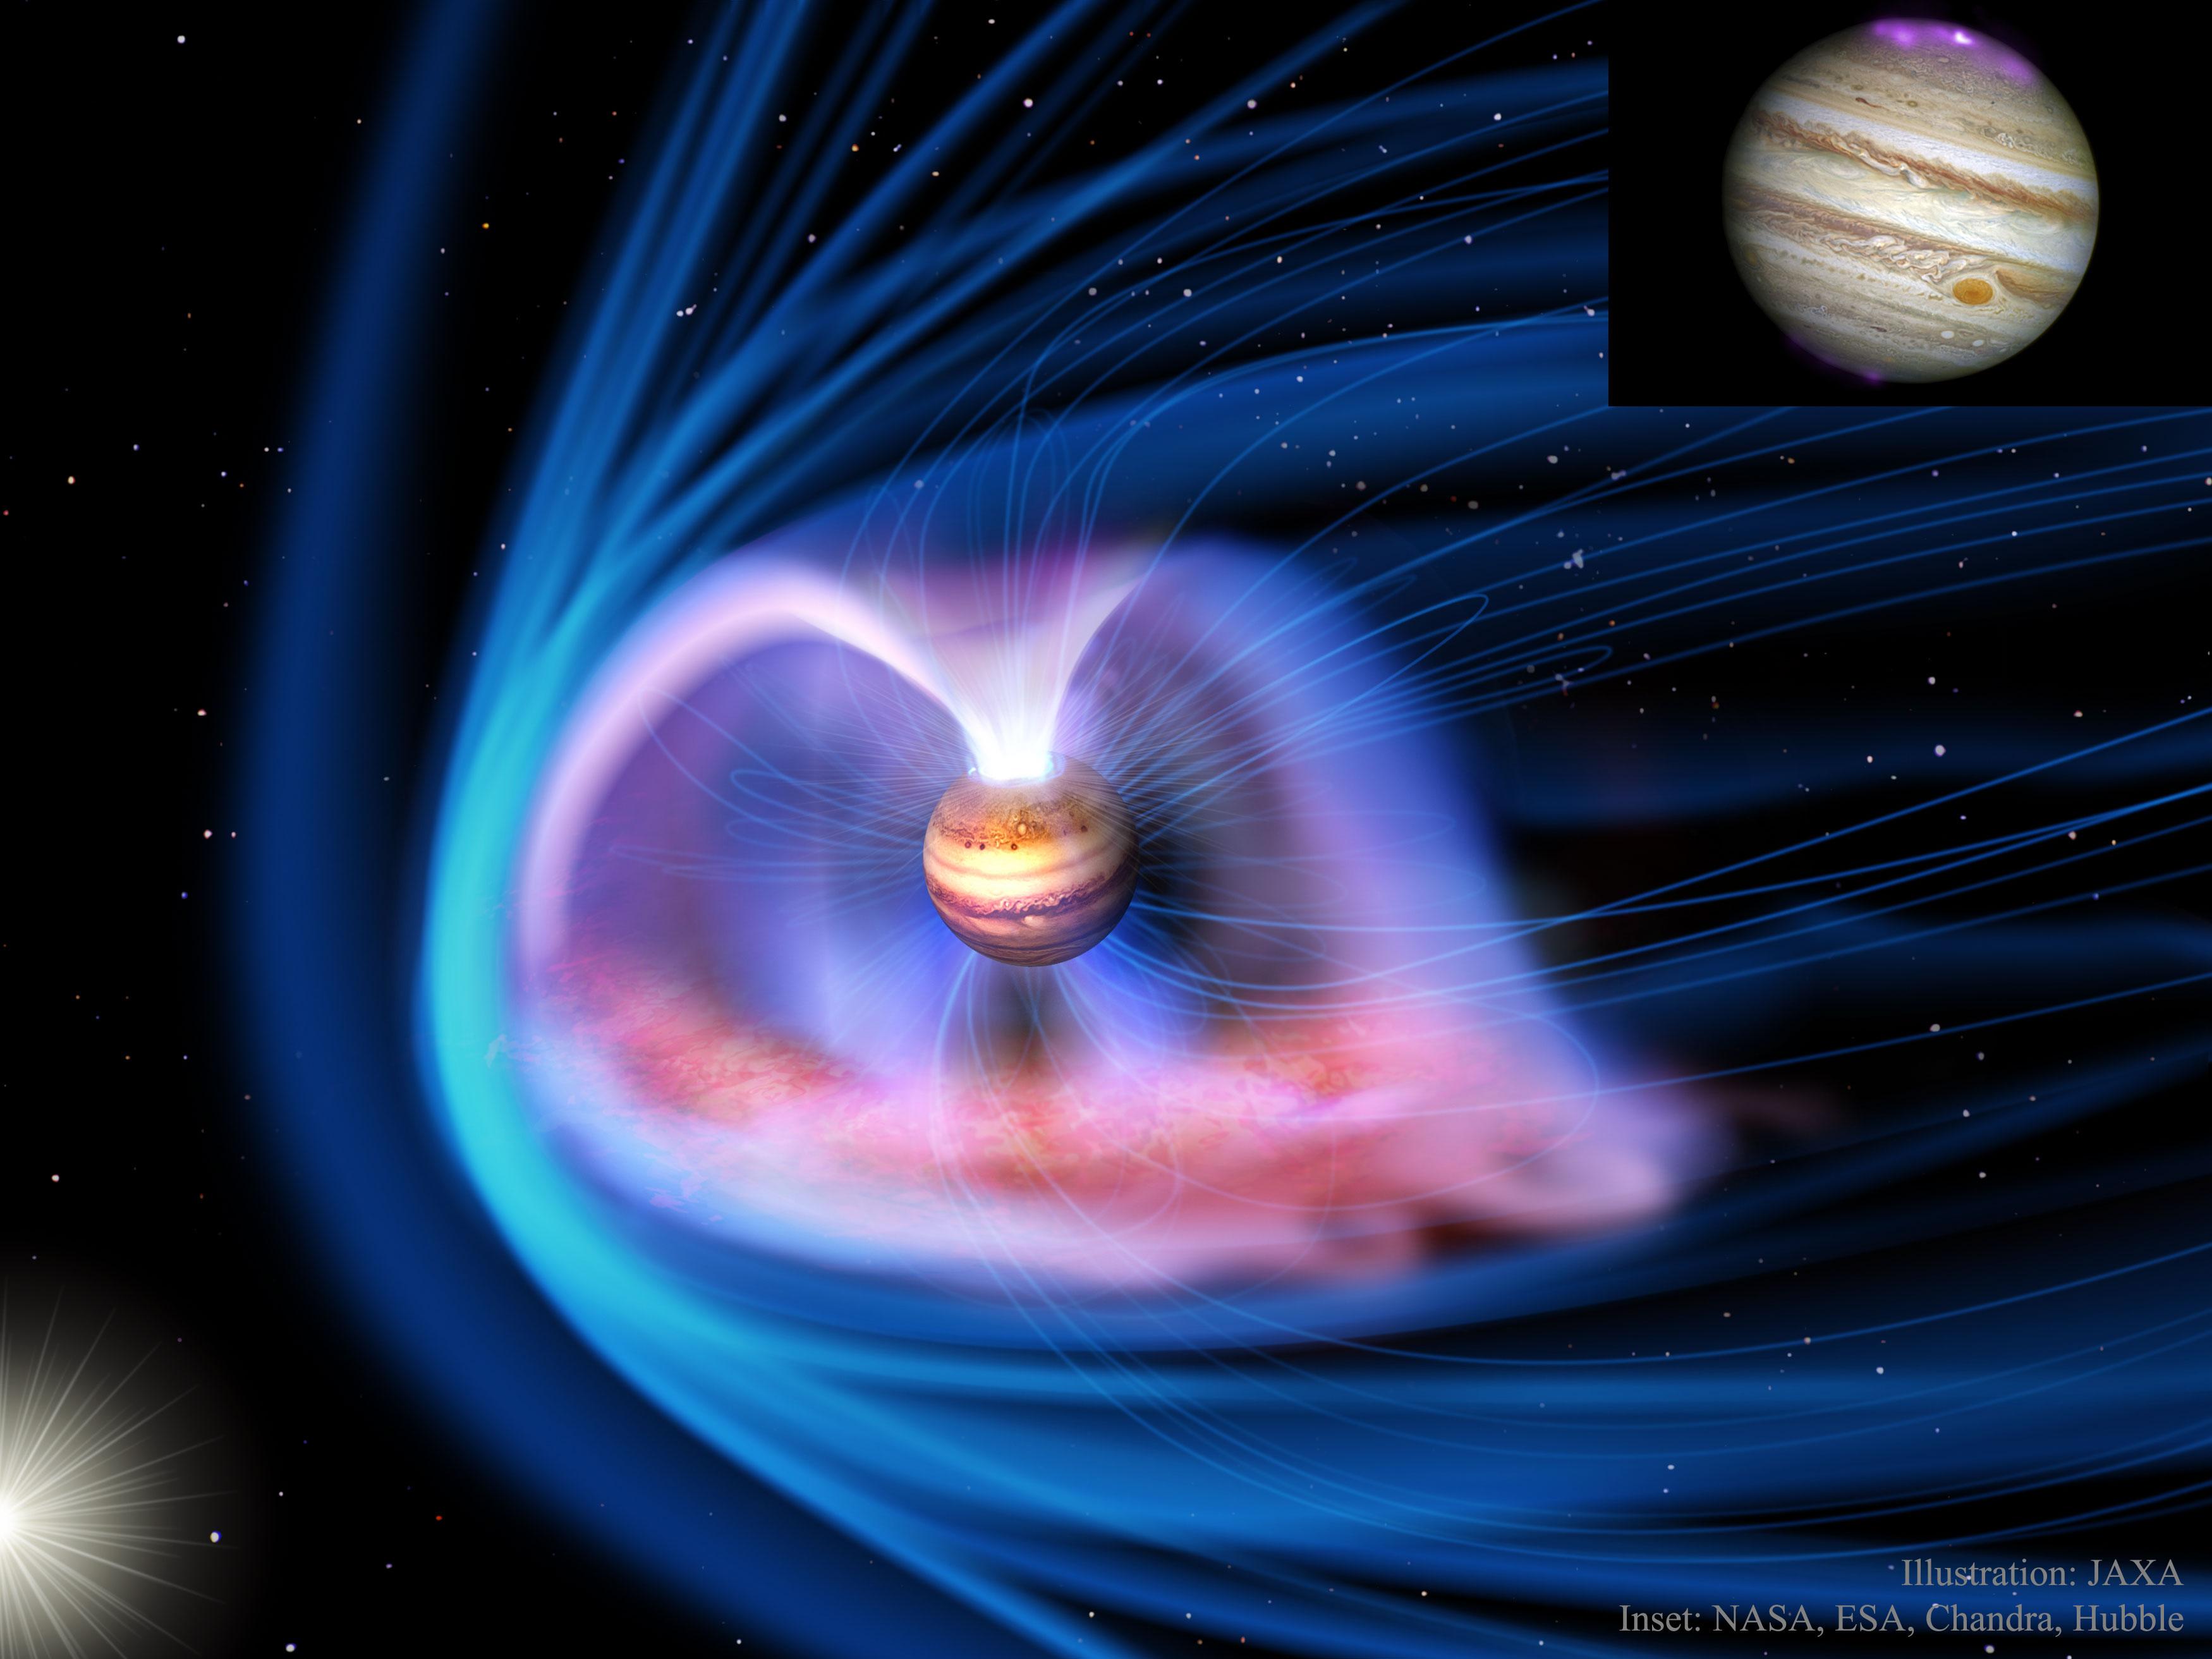 Nos falta comprender como la radiación solar afecta la atmósfera de Júpiter